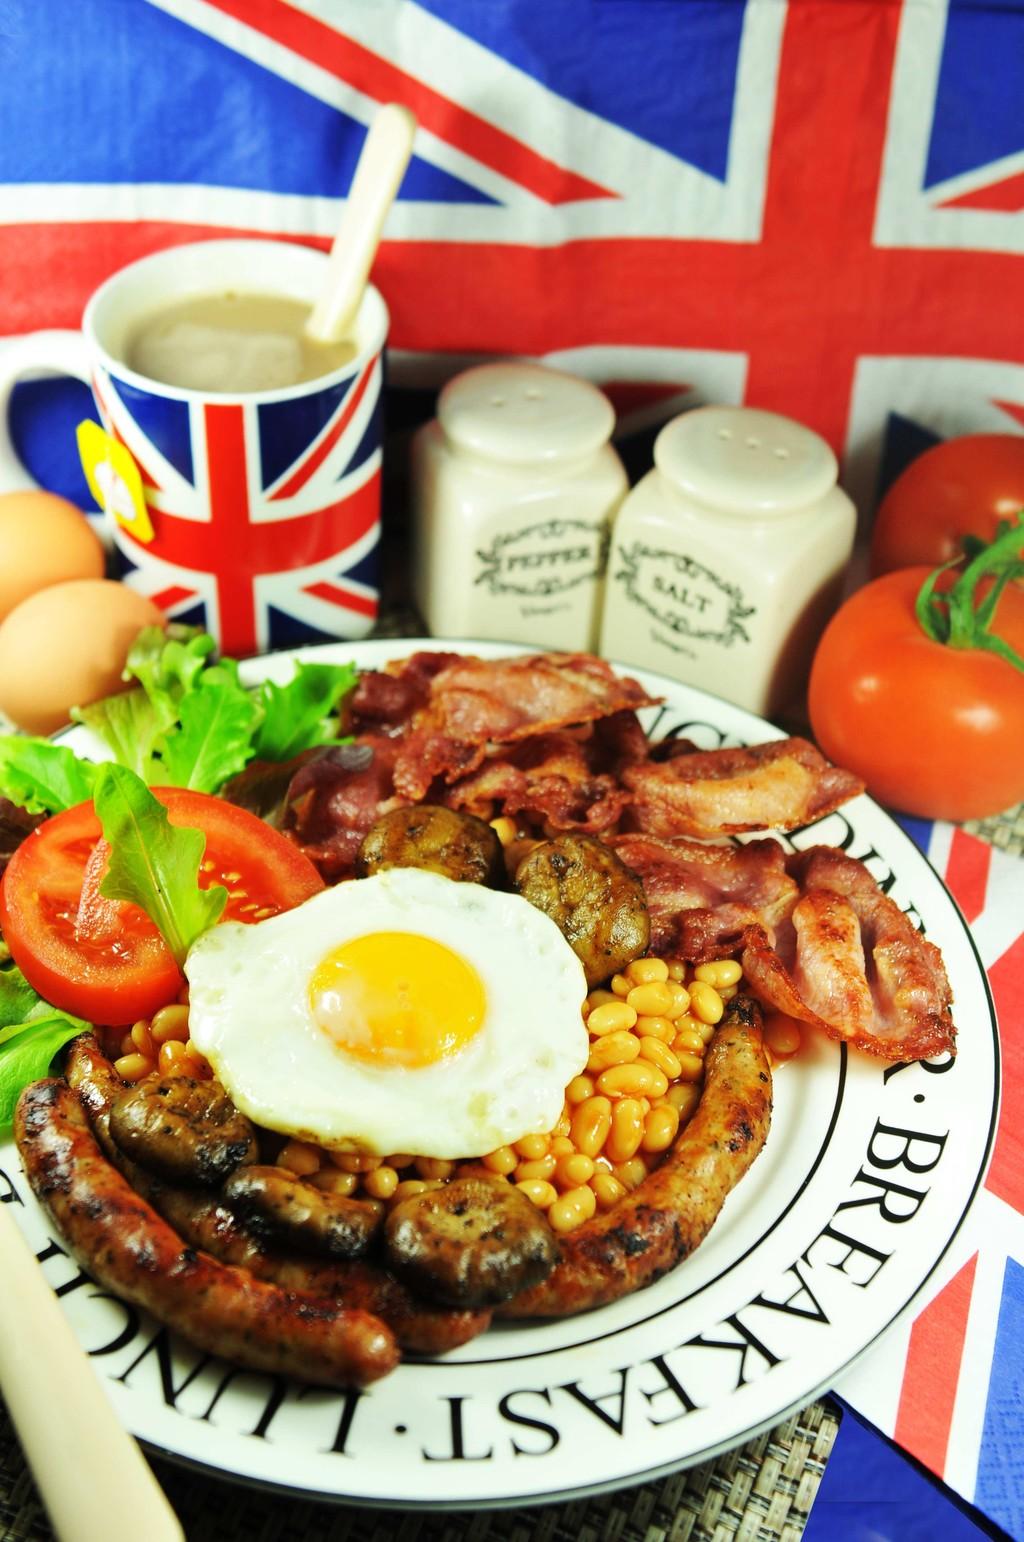 Їжа в британії фото 25 фотография